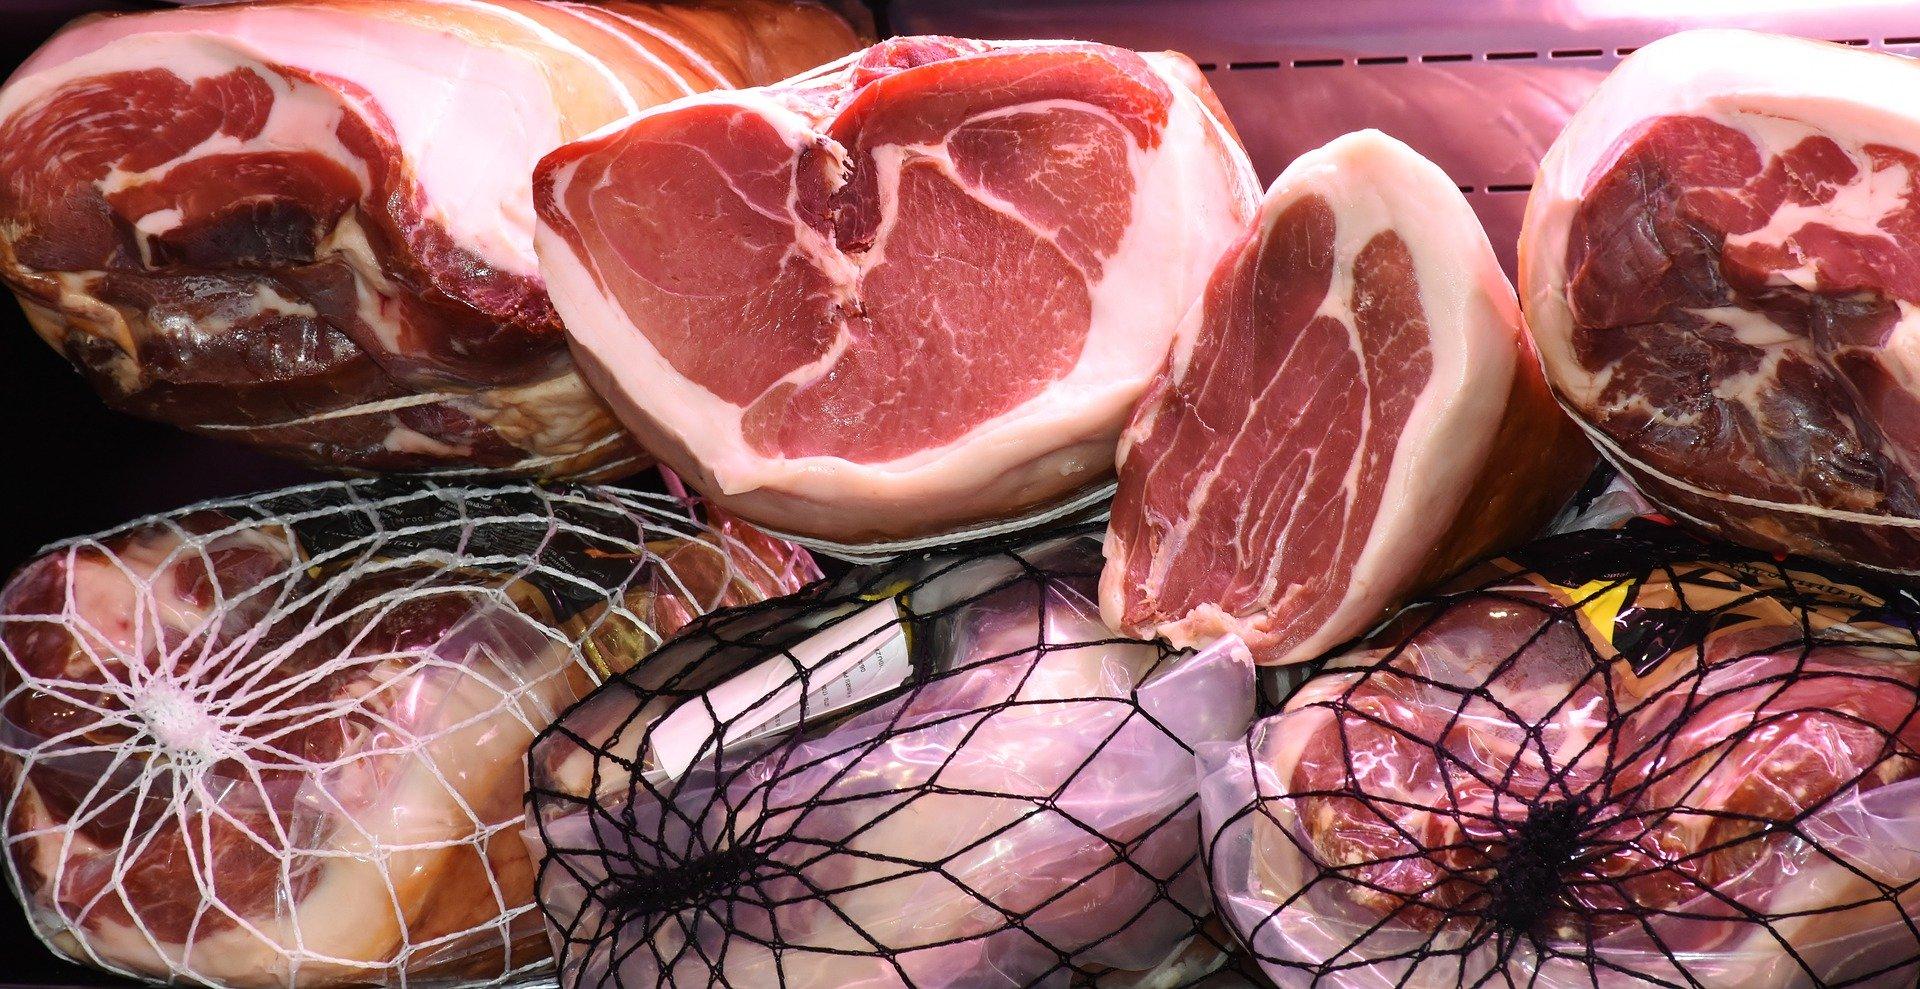 Mięsne kwestie – czy w ogóle powinniśmy jeść mięso?